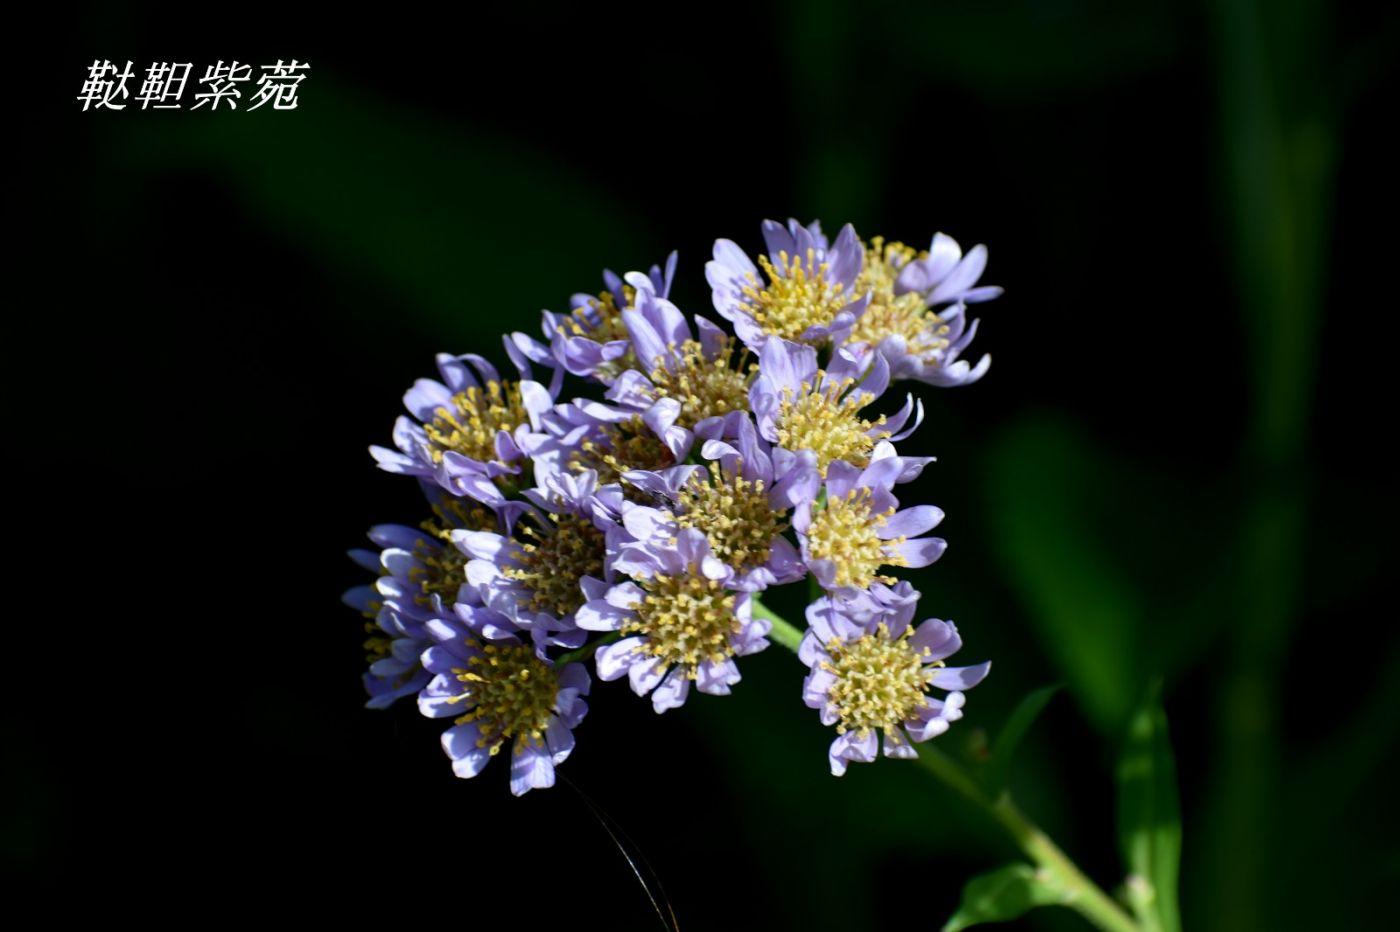 花草图谱 (4)_图1-19